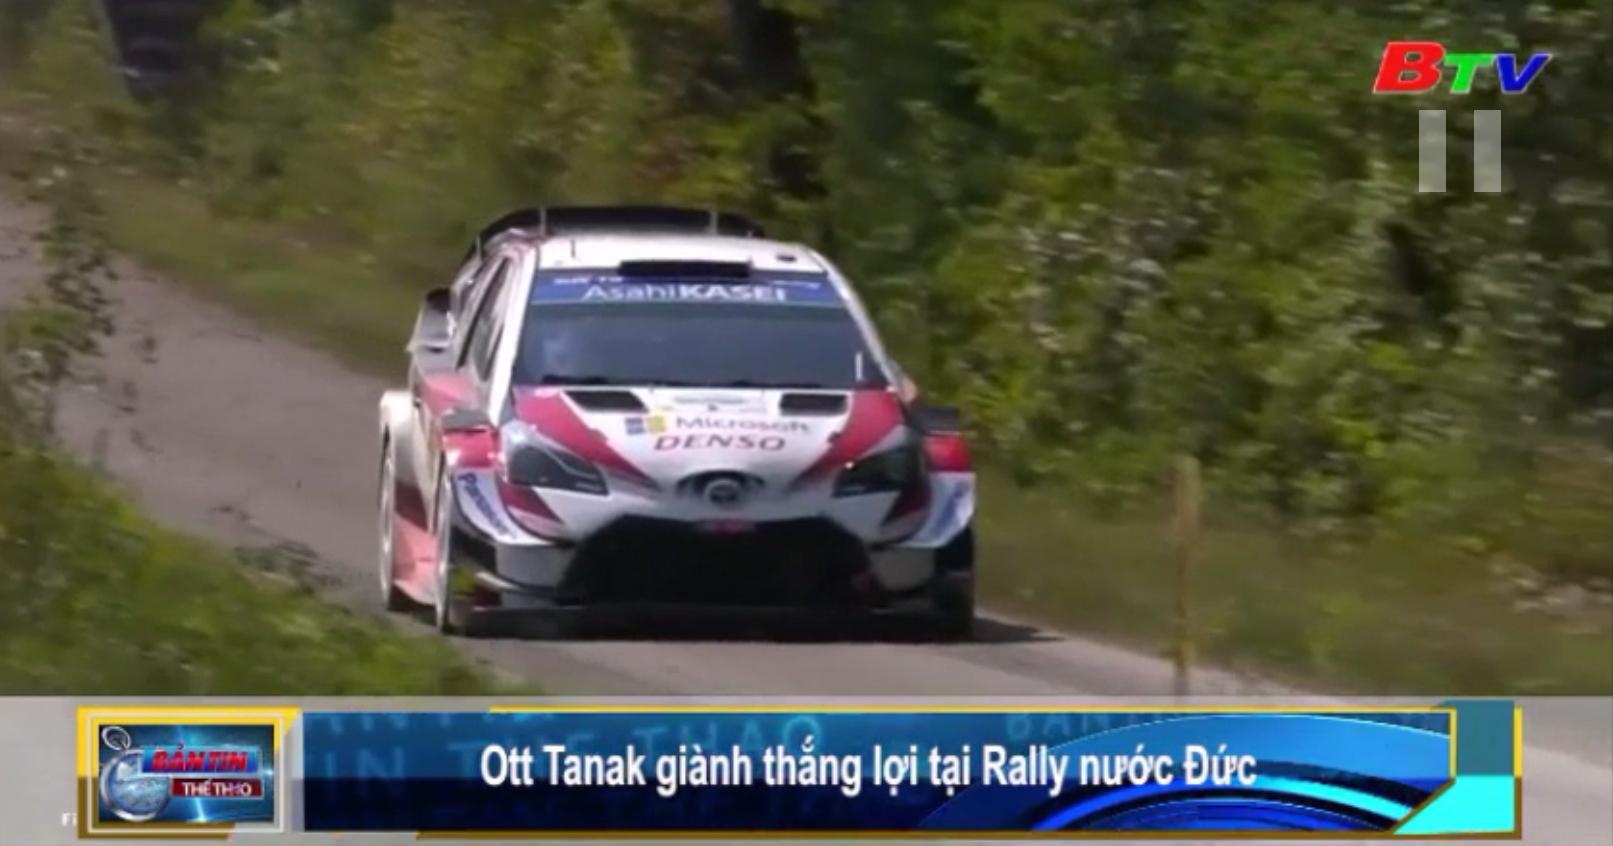 Ott Tanak giành thắng lợi tại Rally nước Đức